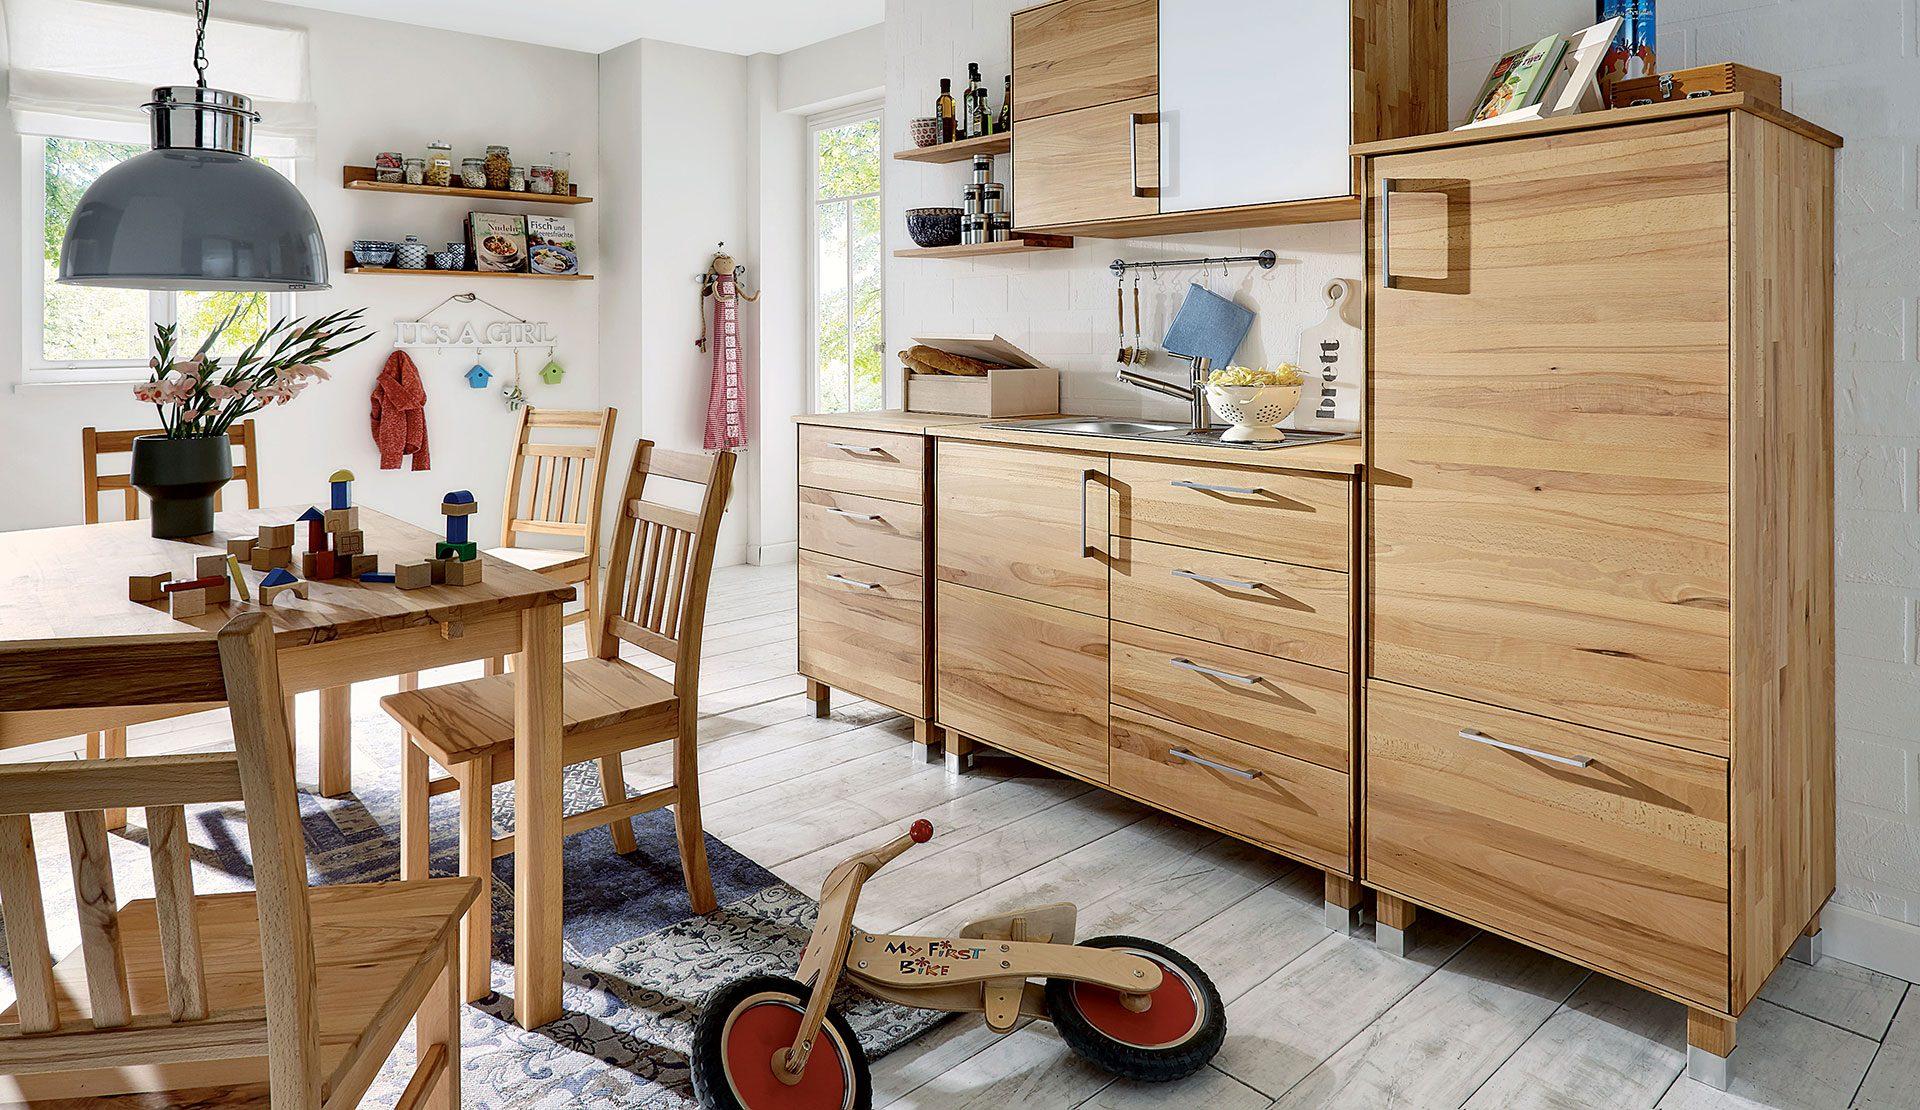 Full Size of Kchen Aus Massivholz Edelstahlküche Gebraucht Gebrauchte Fenster Kaufen Modulküche Ikea Landhausküche Betten Einbauküche Küche Verkaufen Regale Holz Wohnzimmer Modulküche Gebraucht